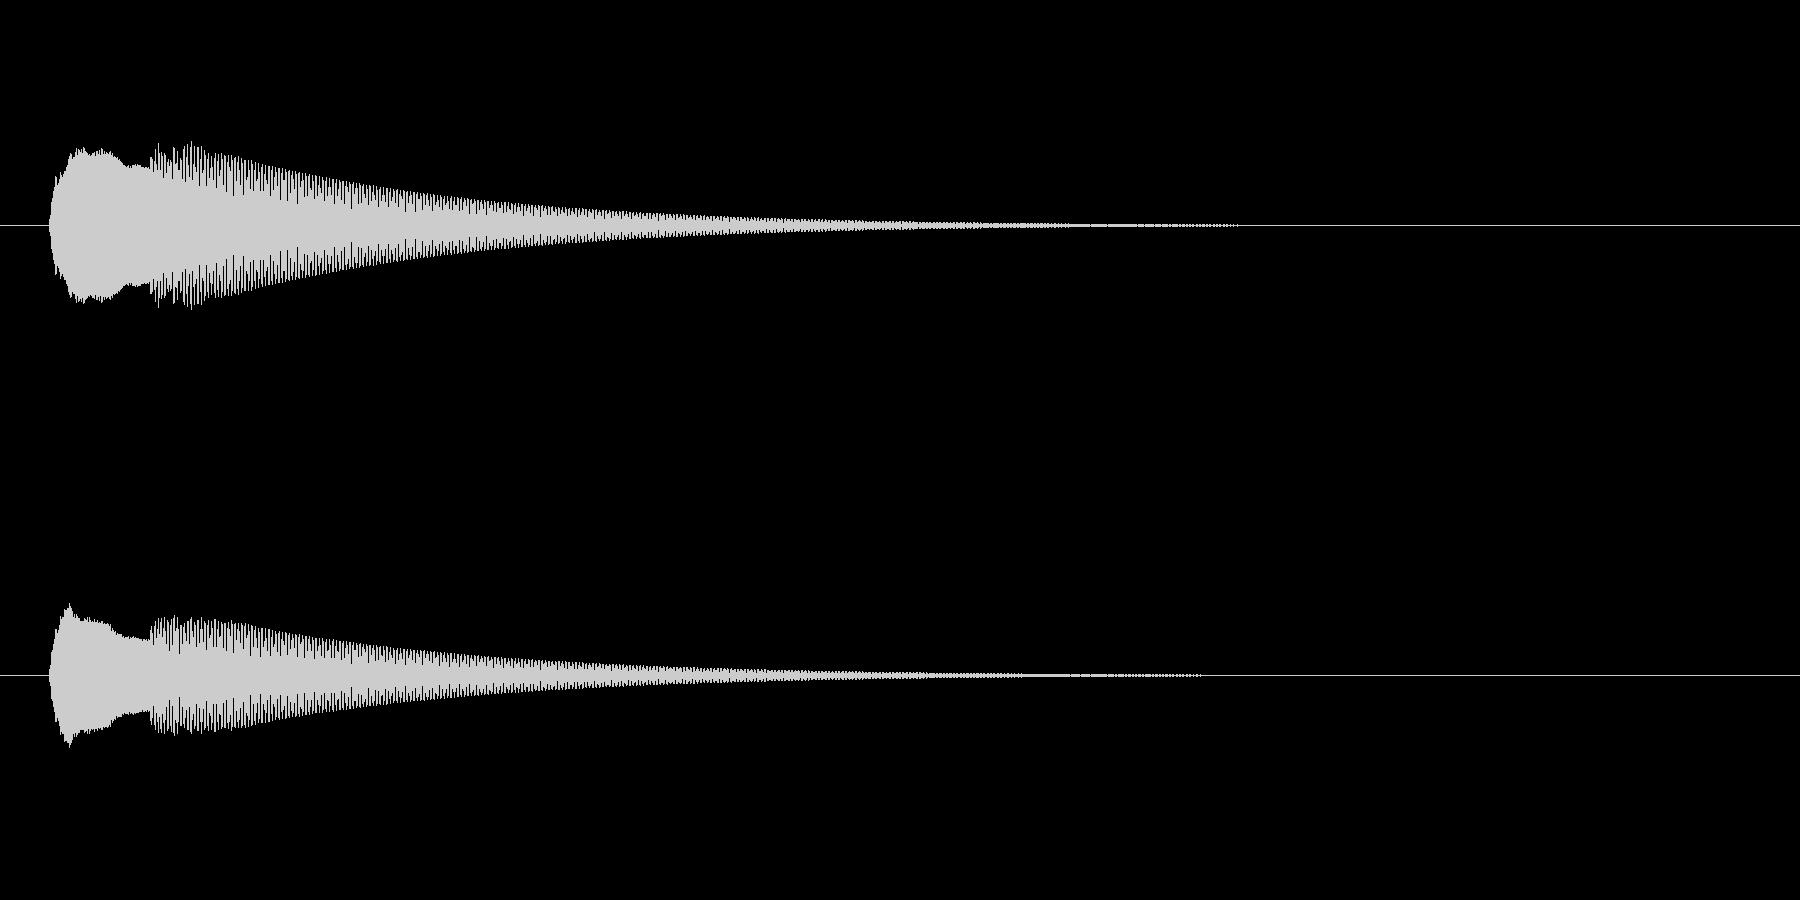 【ドアベル ピンポン02-4】の未再生の波形